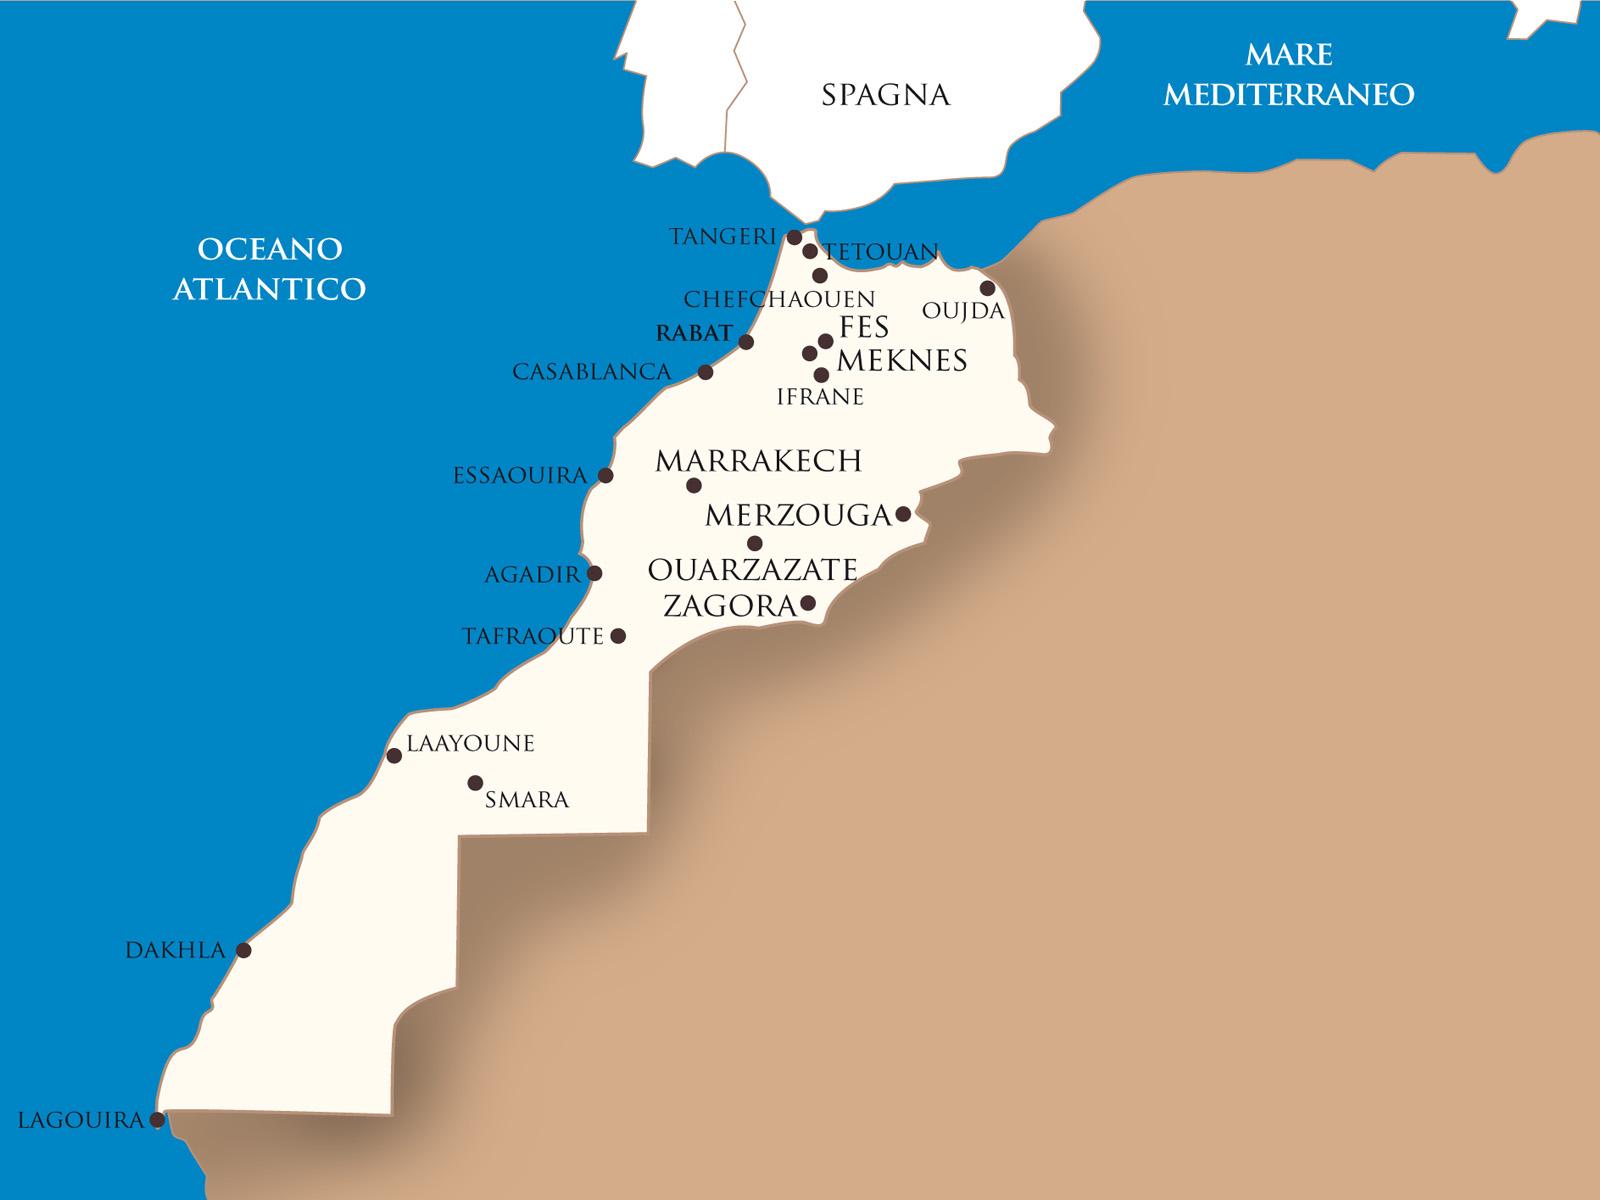 Cartina Spagna E Marocco.Viaggi In Marocco Soggiorni E Vacanze In Marocco Offerte Marocco